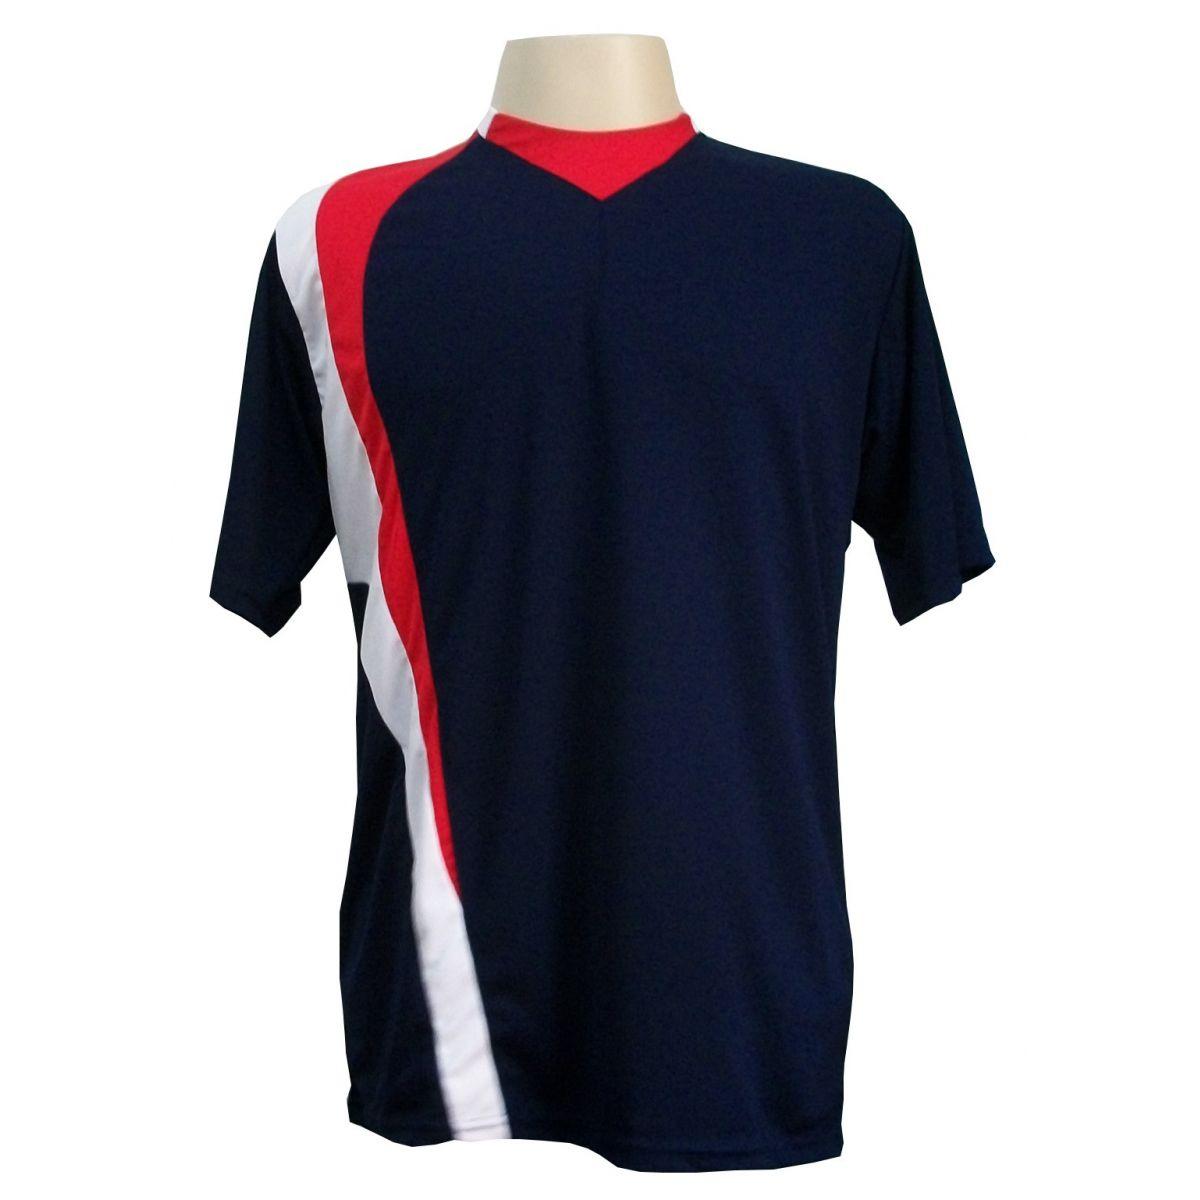 Jogo de Camisa 14 pe�as modelo PSG - Marinho/Vermelho/Branco - Frete Gr�tis Brasil + Brindes